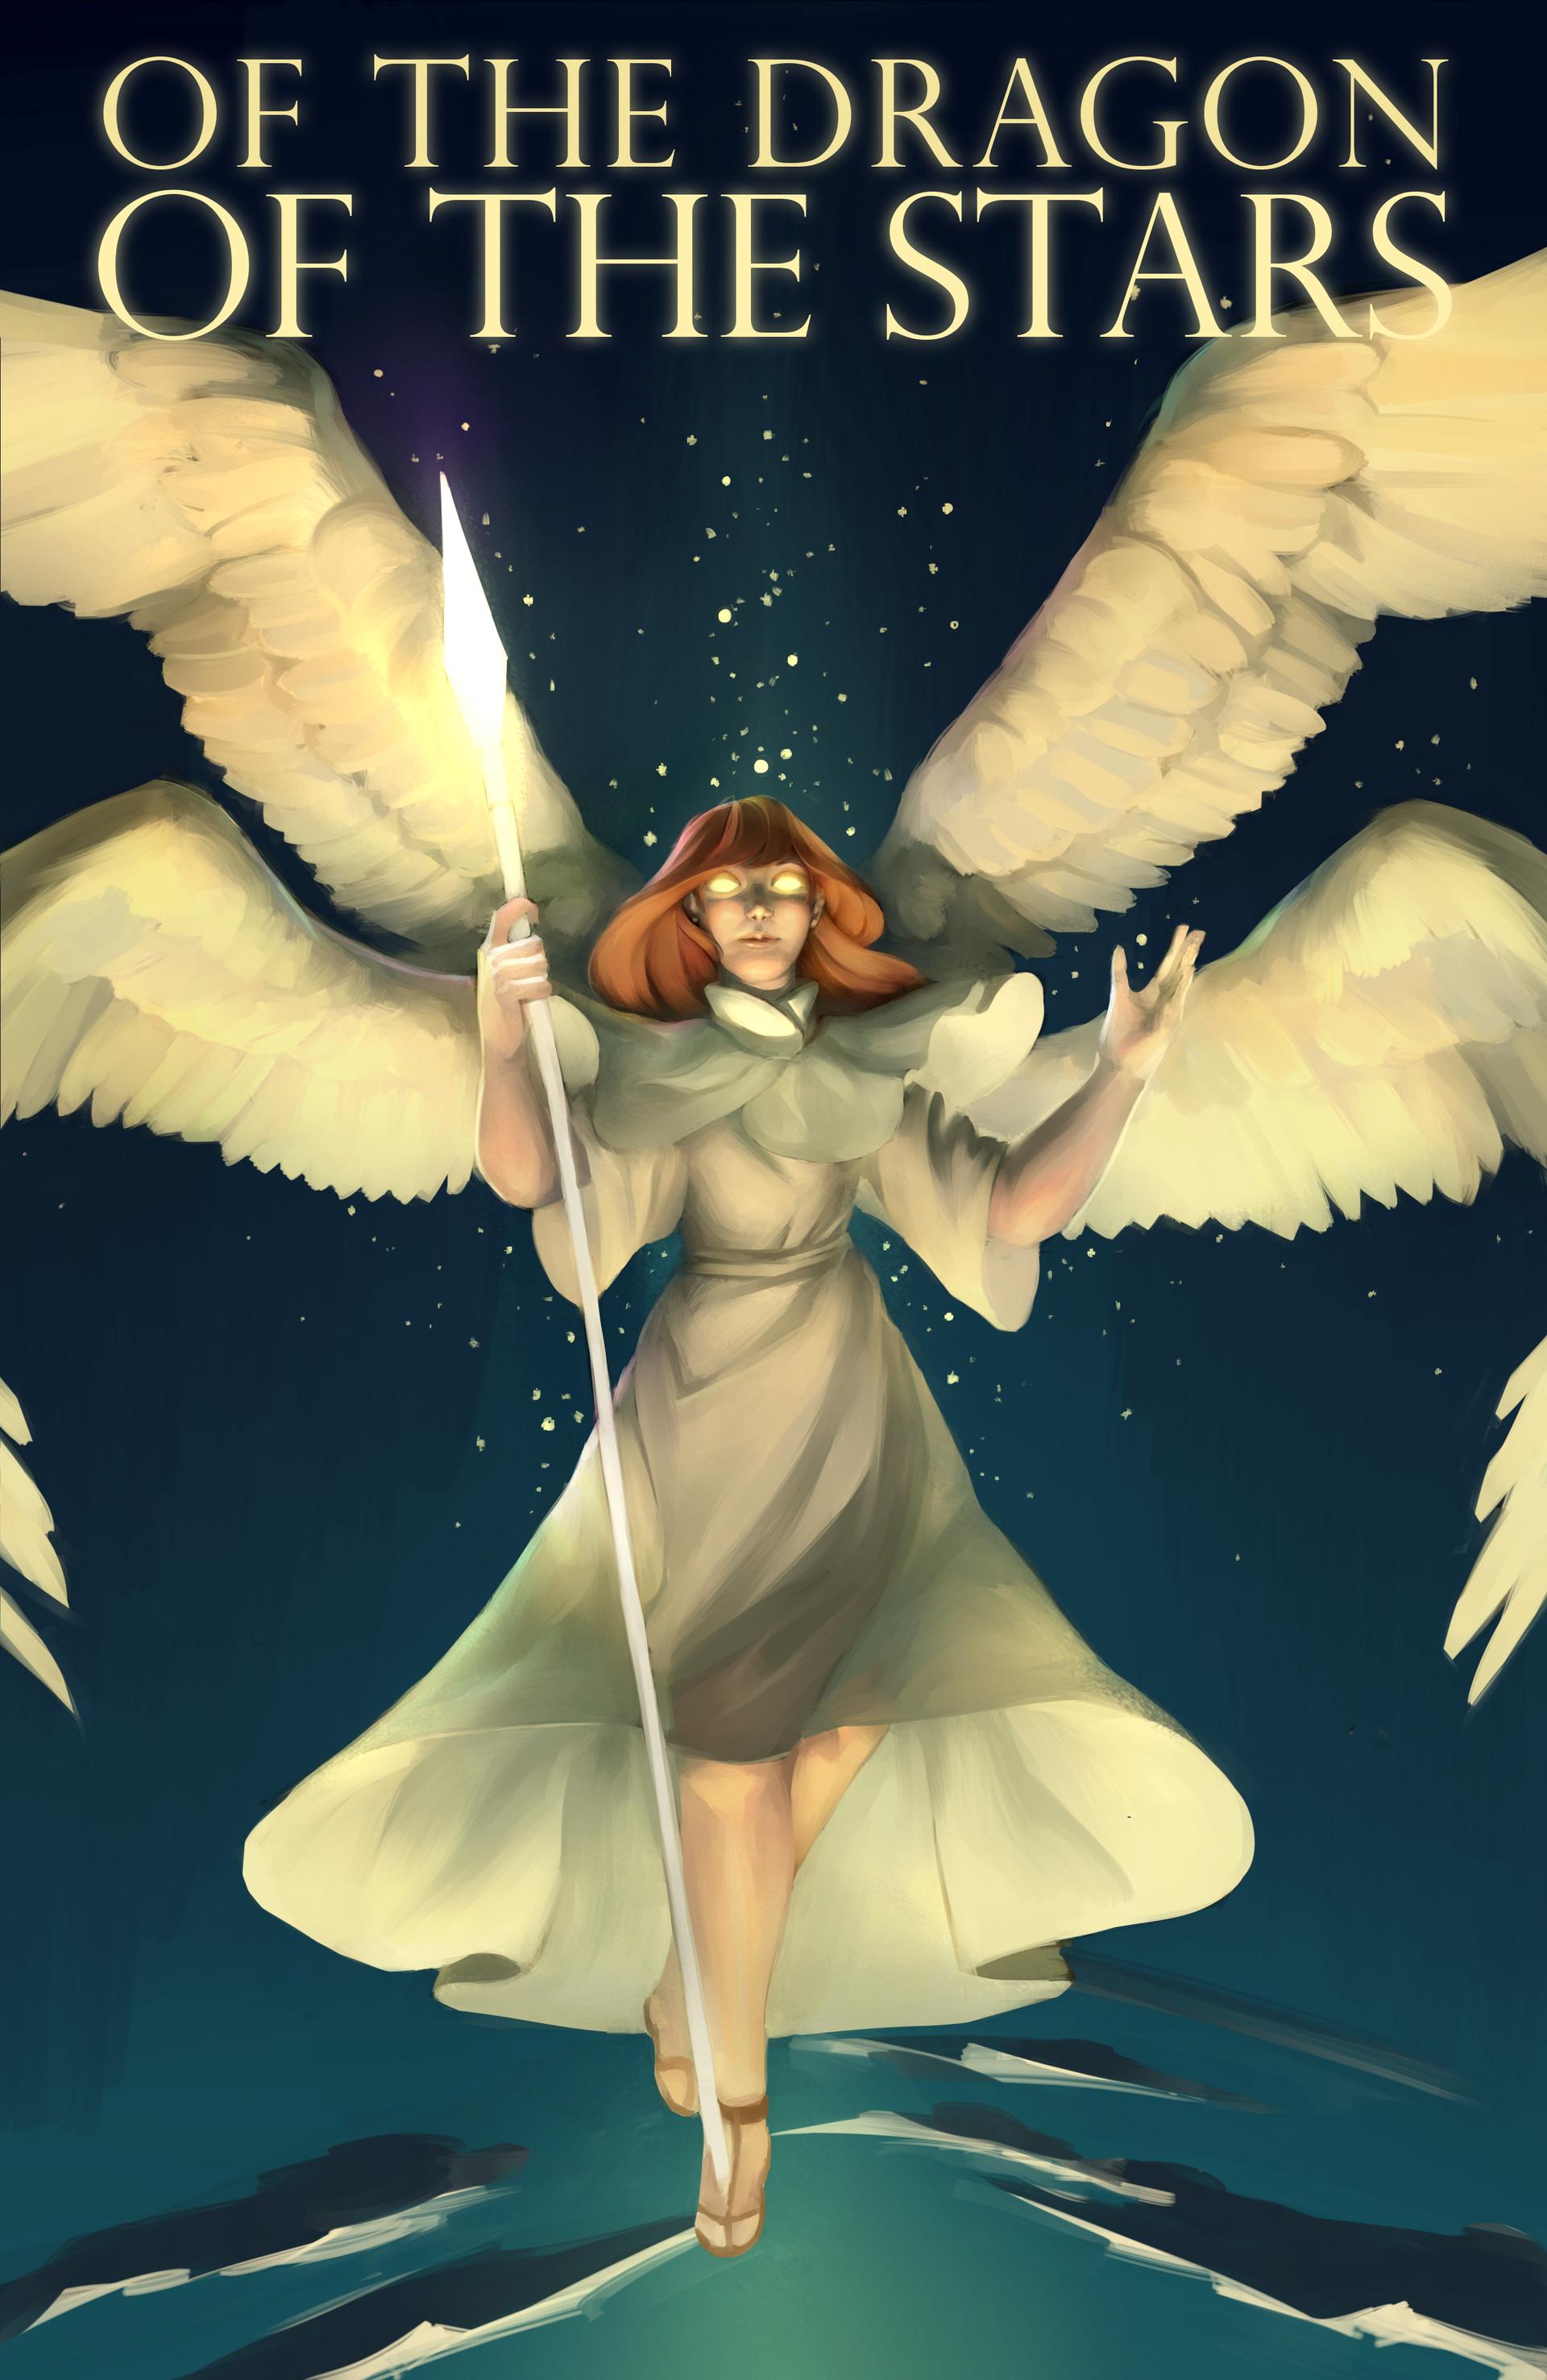 Tessa low akera goddess w title